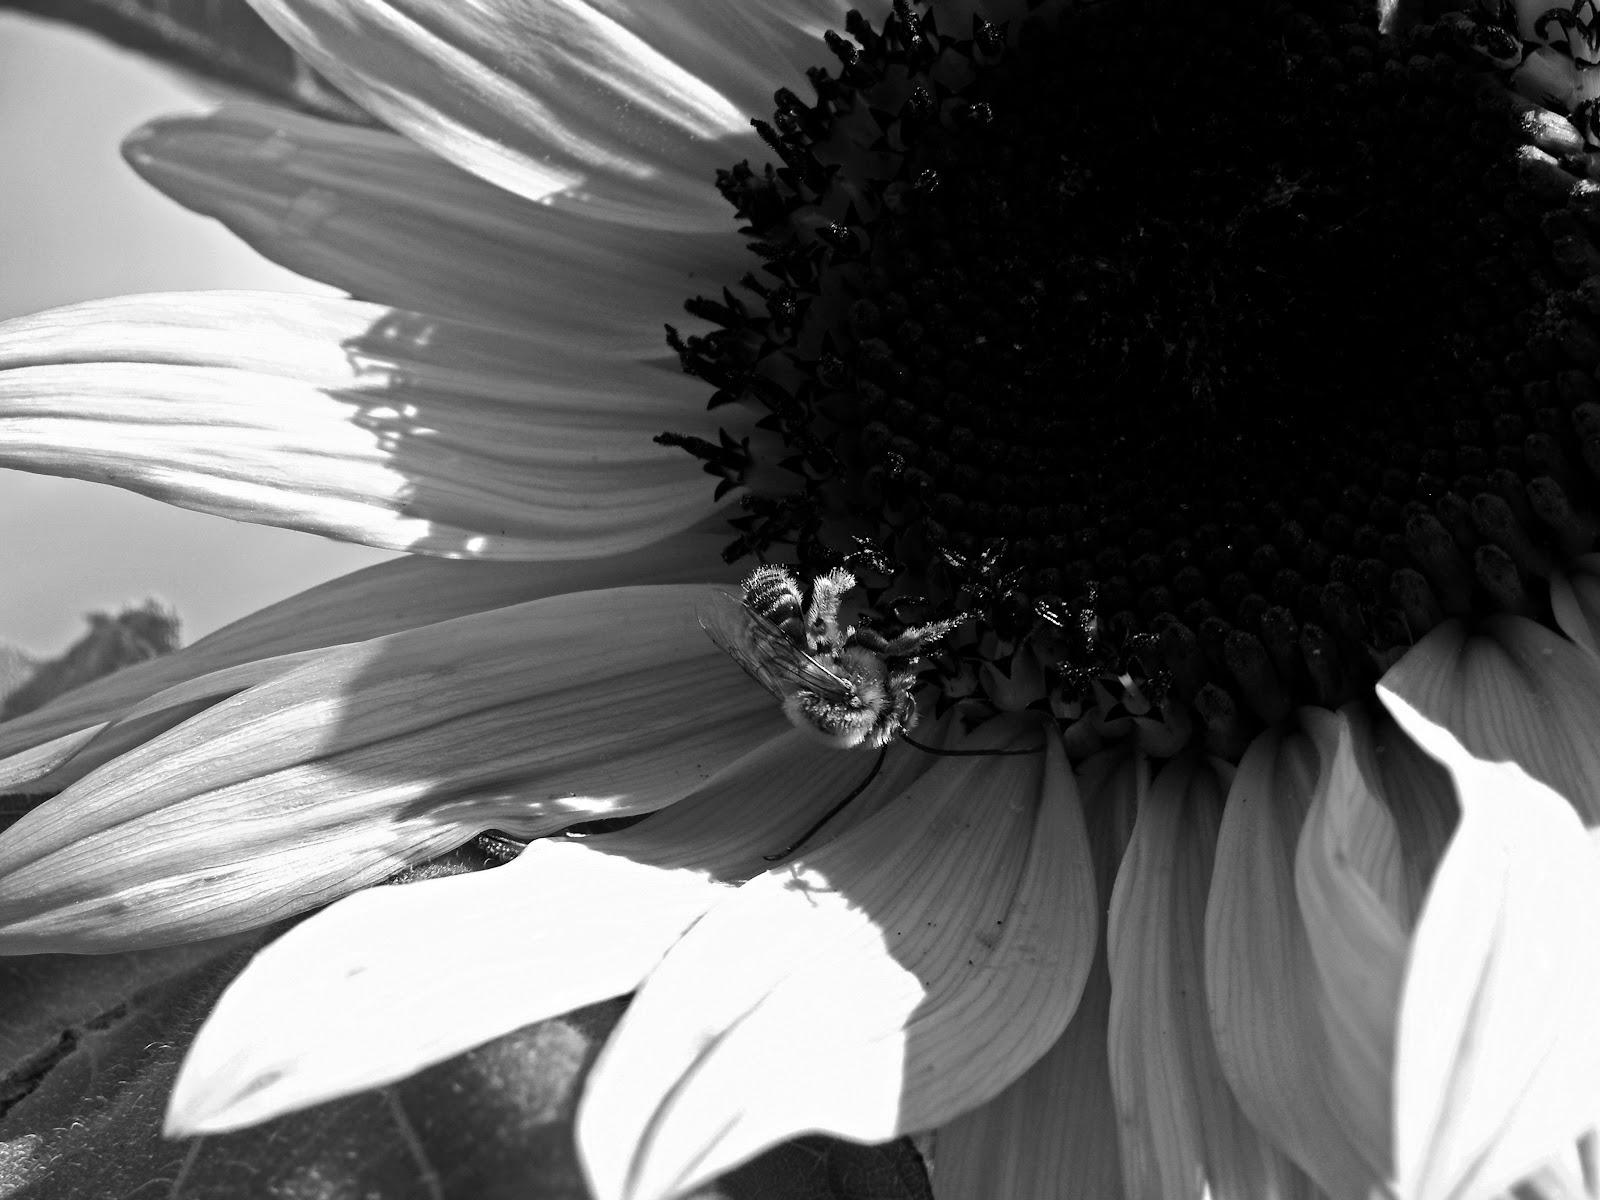 Flower W Bee bw.jpg